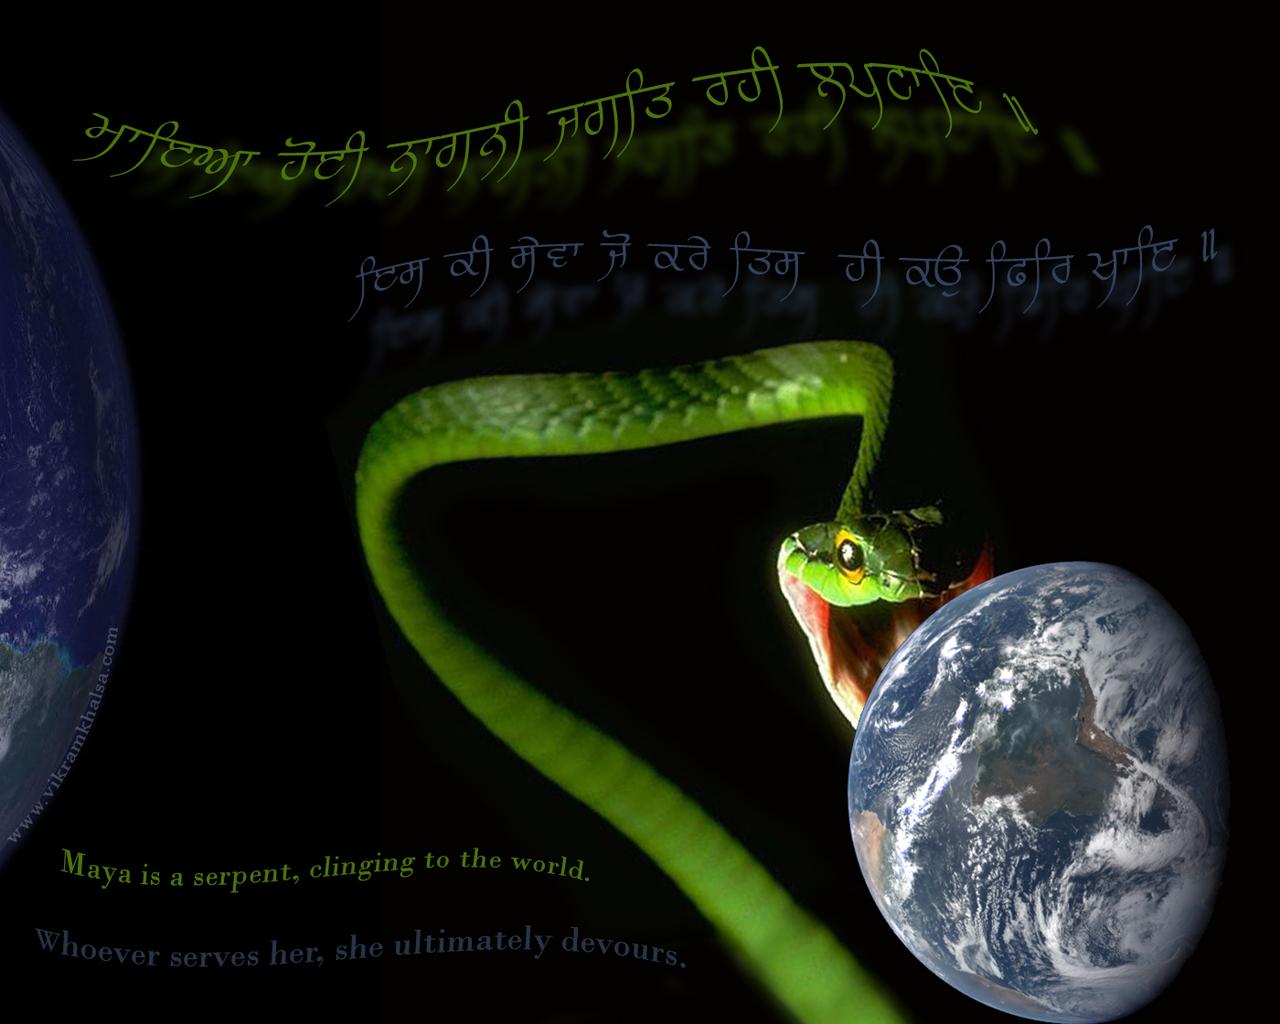 Maya the Snake